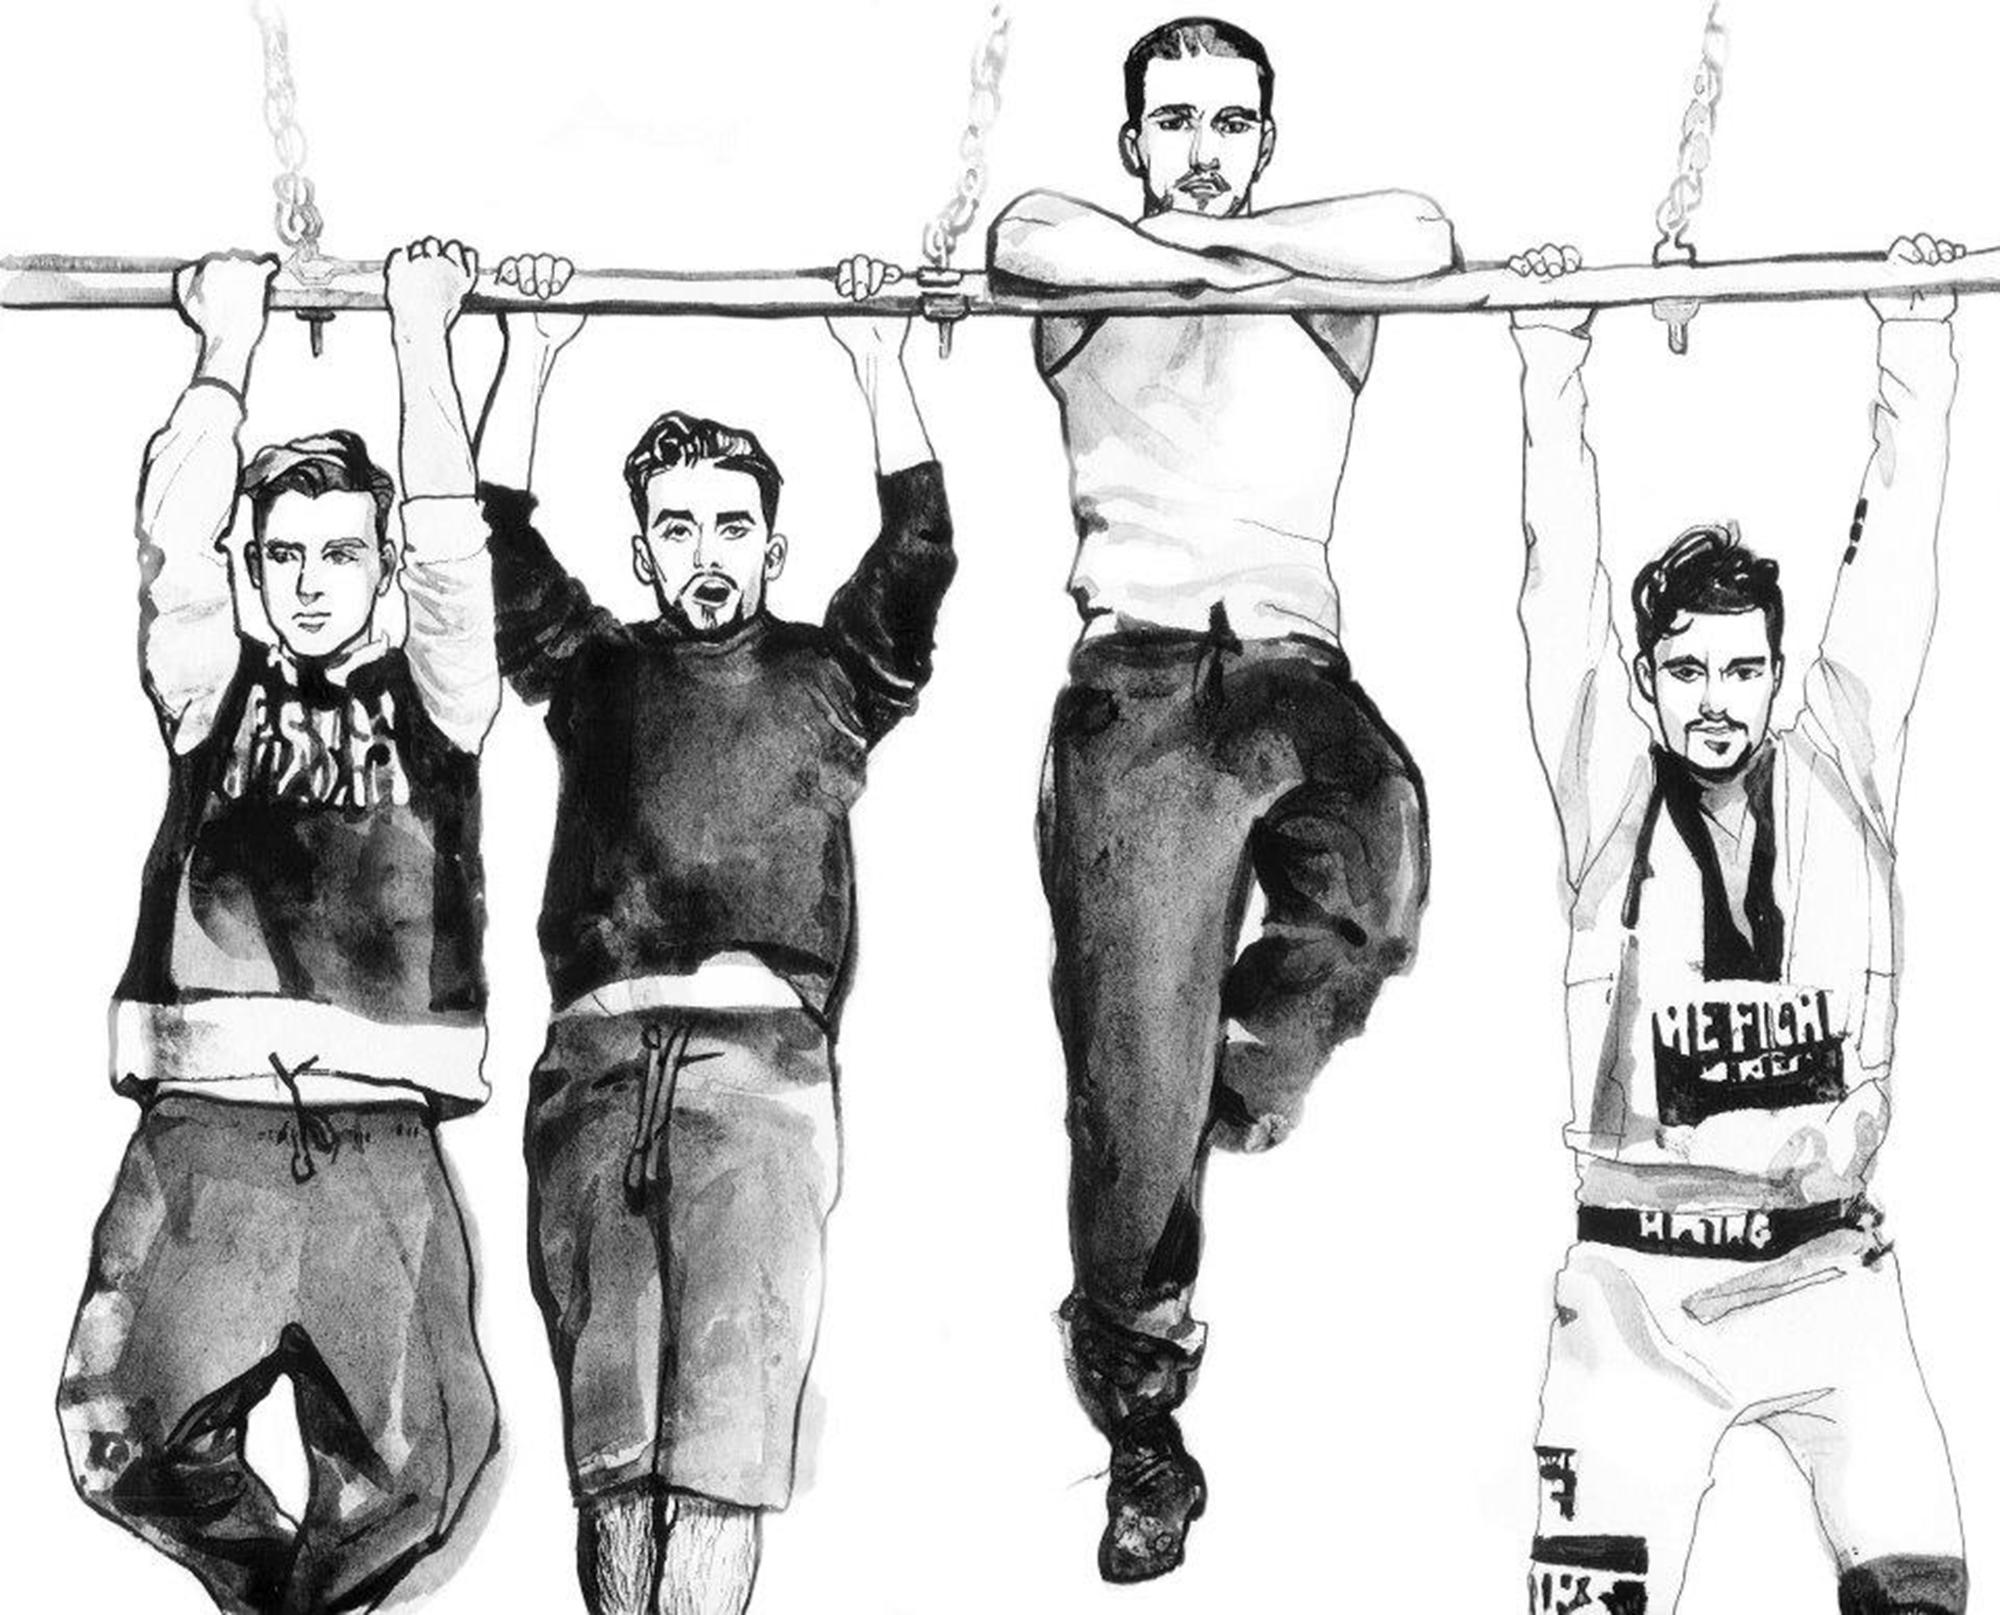 czterech mężczyzn na drążku w koszulkach i spodniach